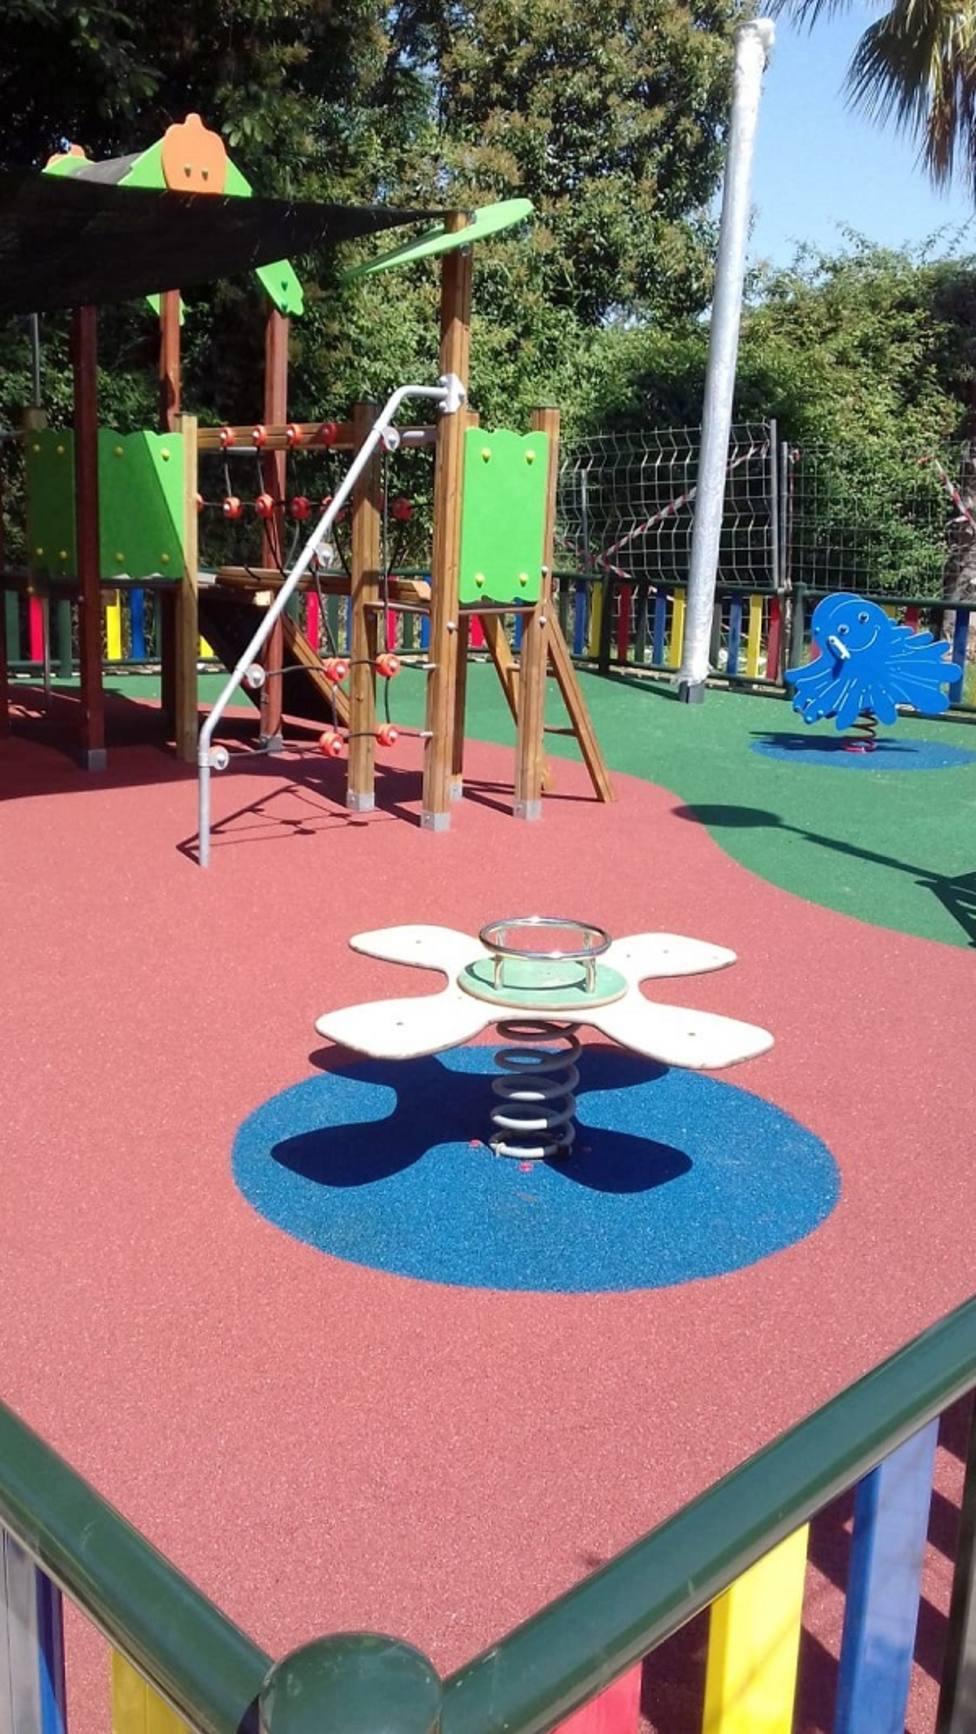 Los vecinos de Barriomar contarán con un nuevo parque infantil entoldado de 200 m2